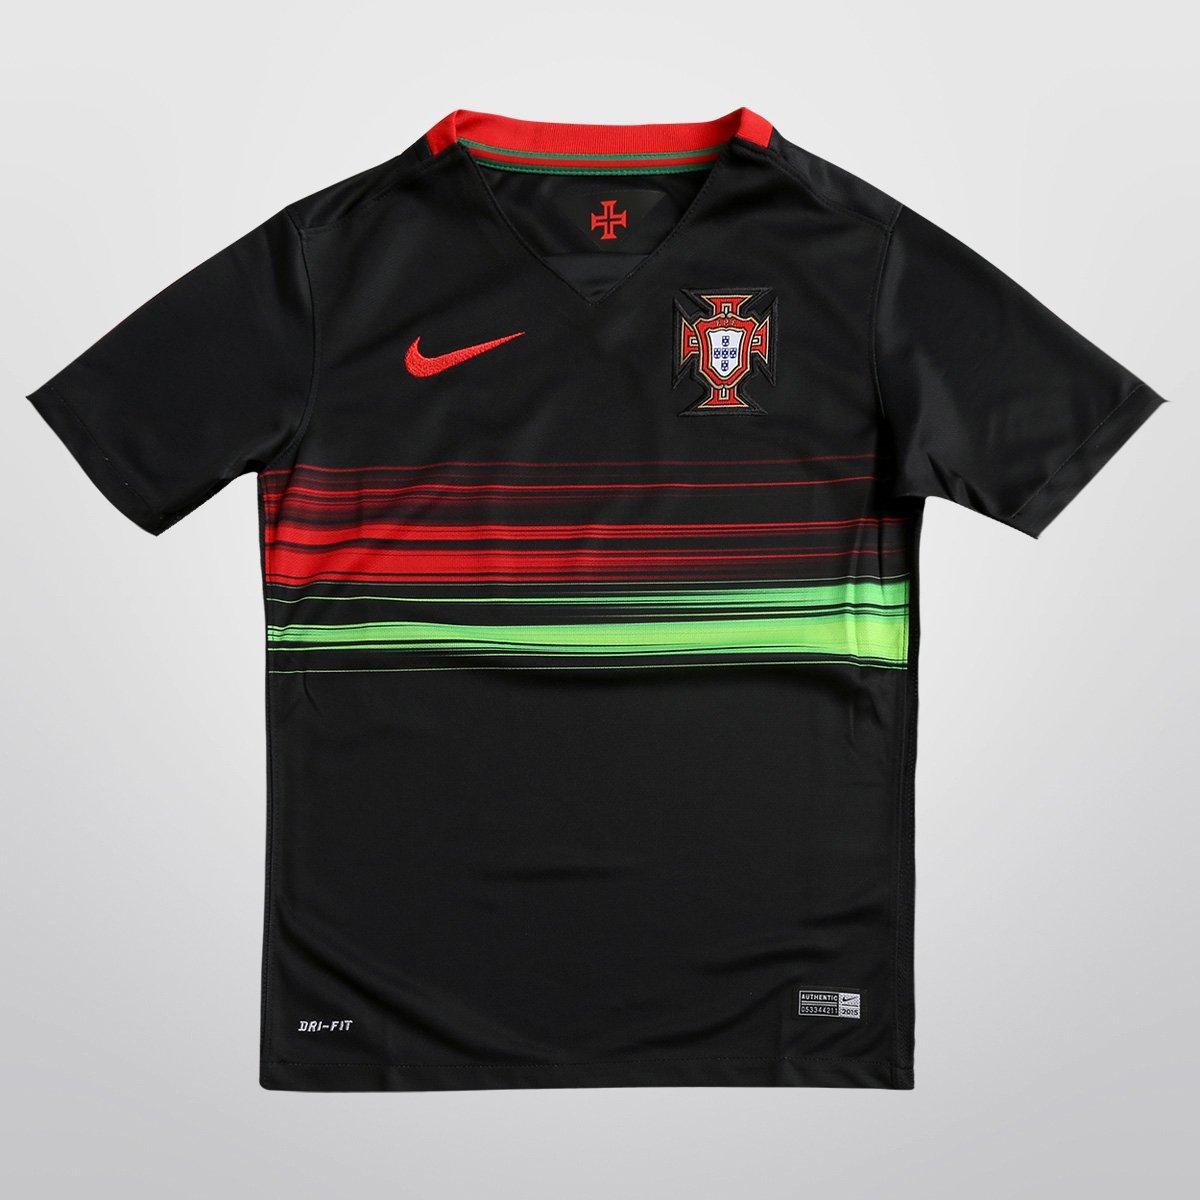 Camisa Nike Seleção Portugal Away 15 16 s nº Infantil - Compre Agora ... de689b8579431